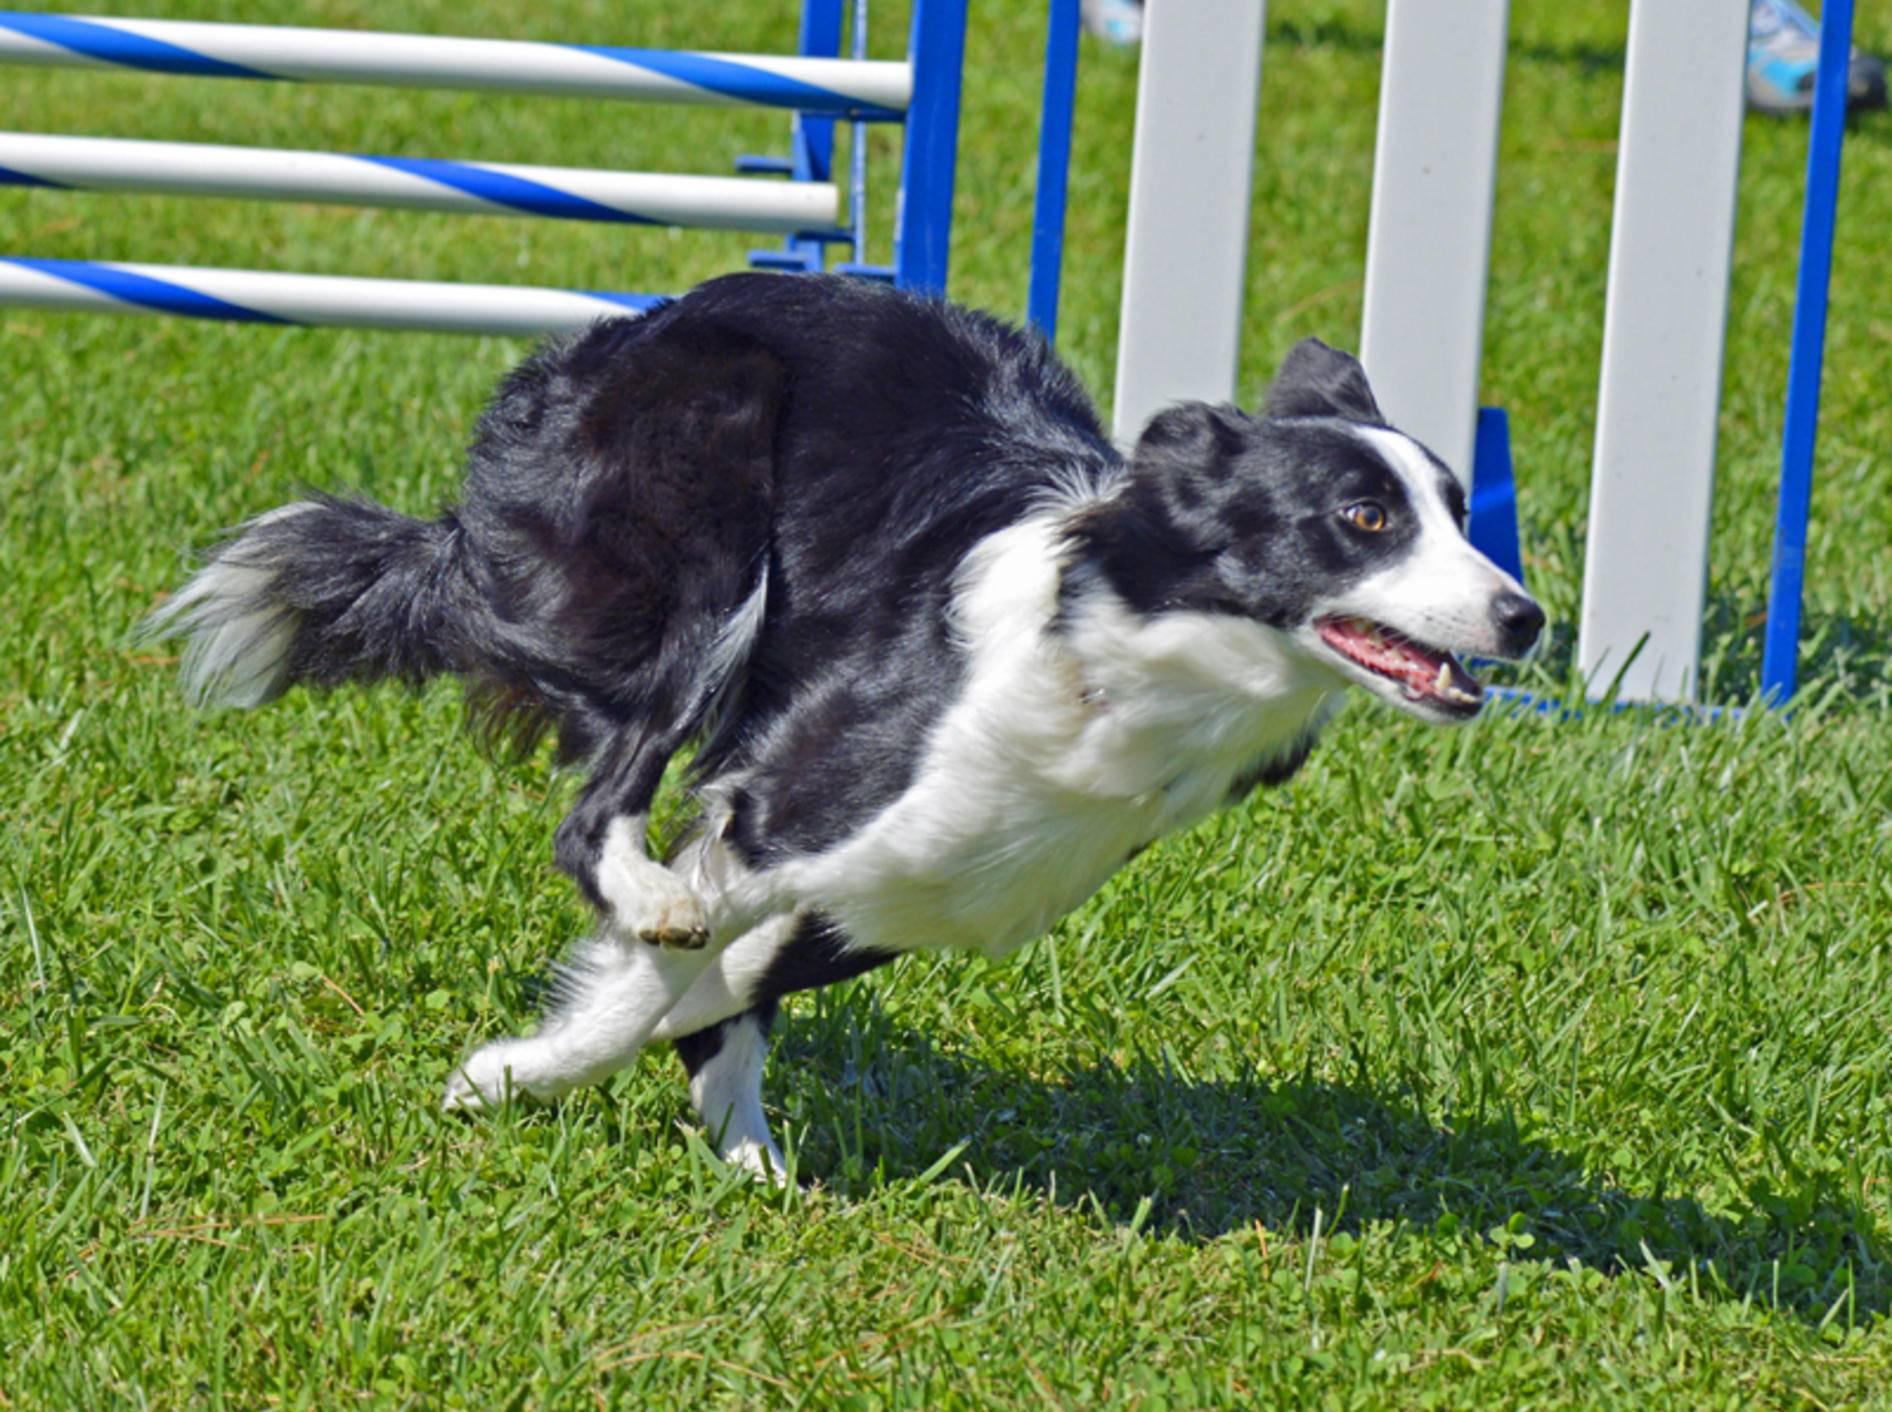 Der Border Collie gehört zu den beliebten Hunderassen für Agility – Bild: Shutterstock / Louis Mc Cleary